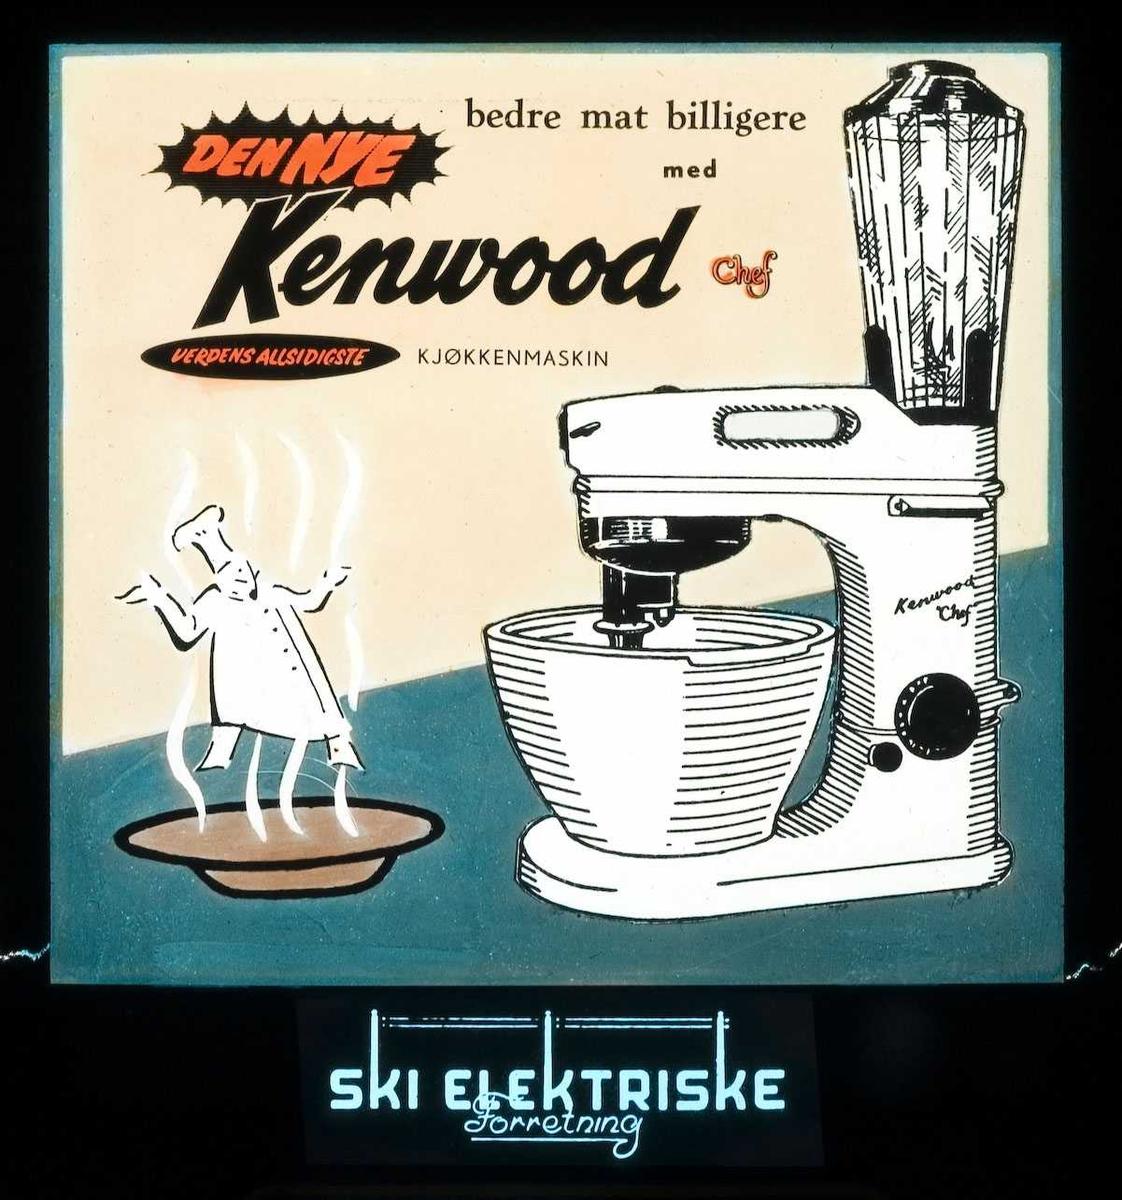 Kinoreklame fra Ski for kjøkkenmaskinen Kenwood Chef. Ski elektriske forretning.